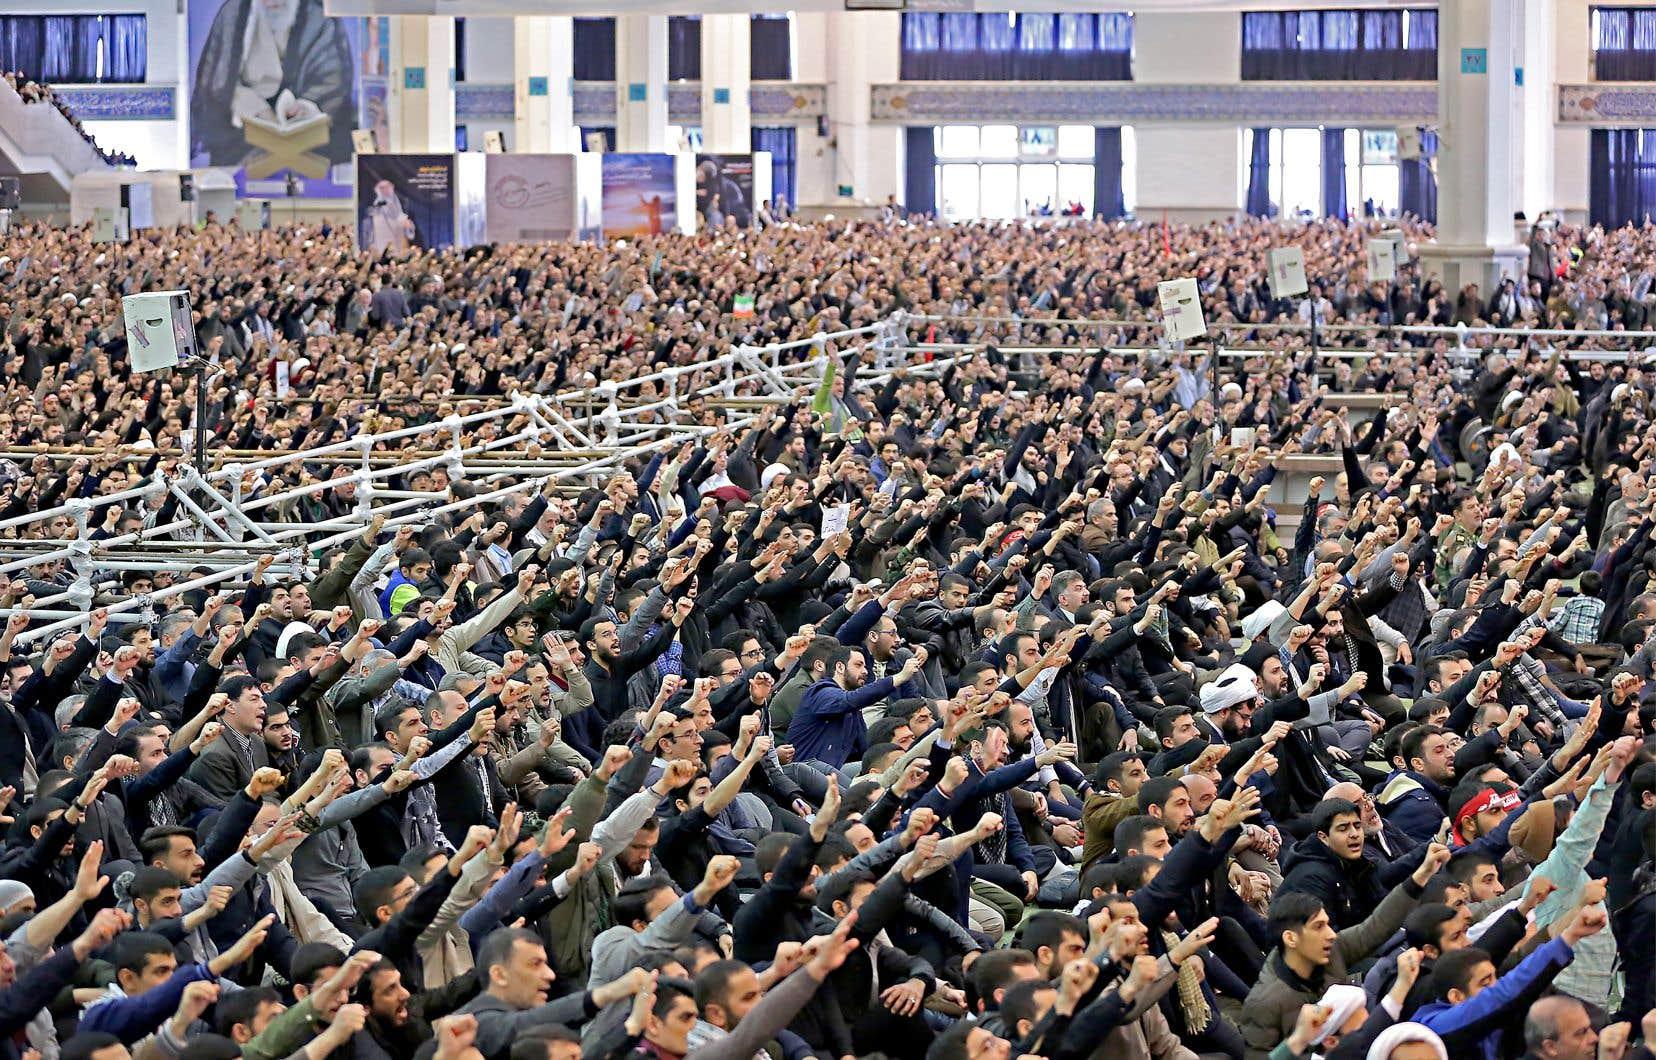 Le prêche d'Ali Khamenei a été entrecoupé à plusieurs reprises par les slogans «Mort à l'Amérique» et «Mort à Israël» de la foule.